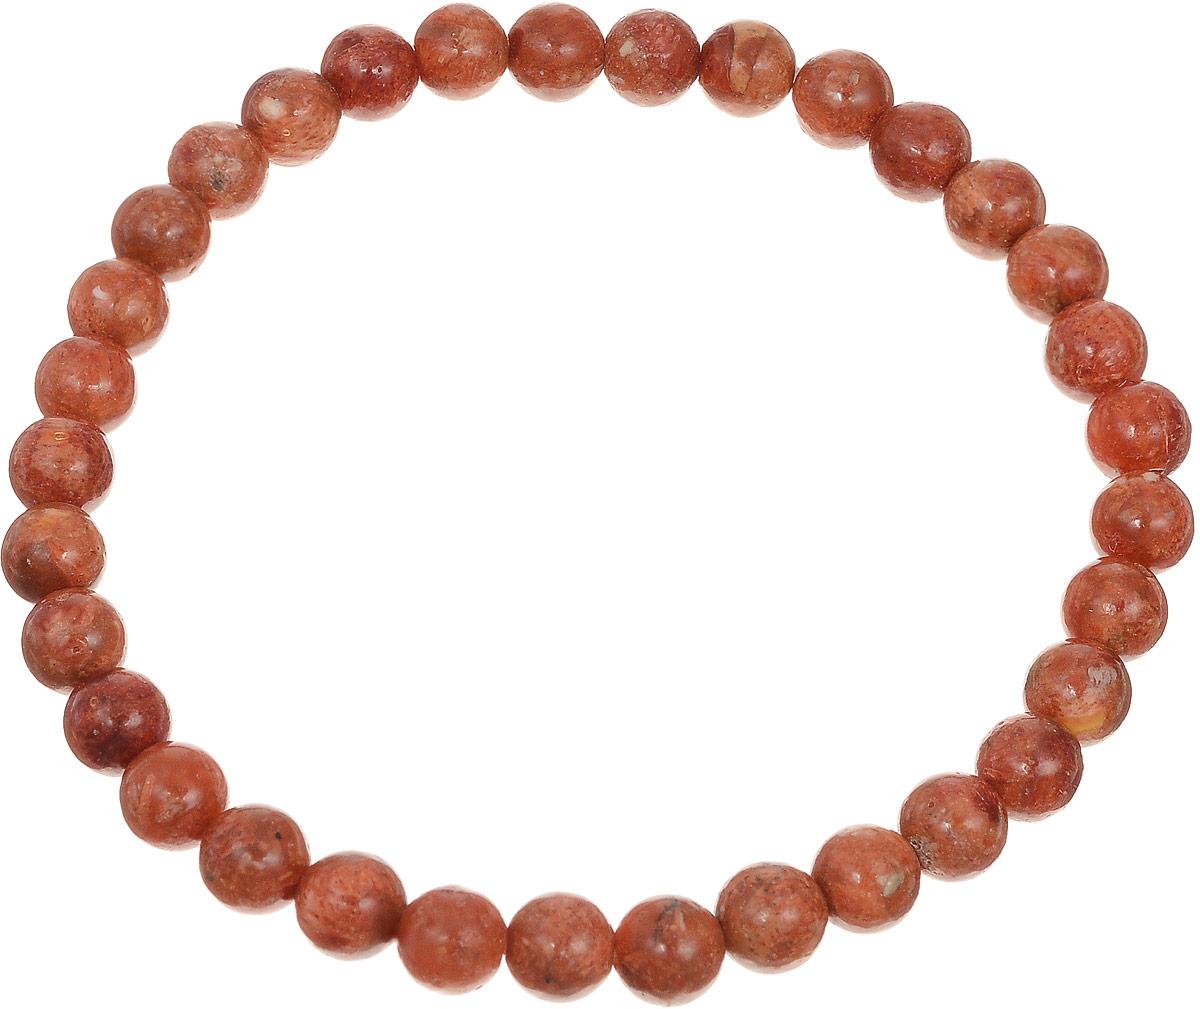 Браслет Art-Silver, цвет: красно-коричневый. КОРк6-82КОРк6-82Браслет Art-Silver изготовлен из коралла. Изделие оформлено круглыми бусинами и оснащено эластичной резинкой для удобства надевания.